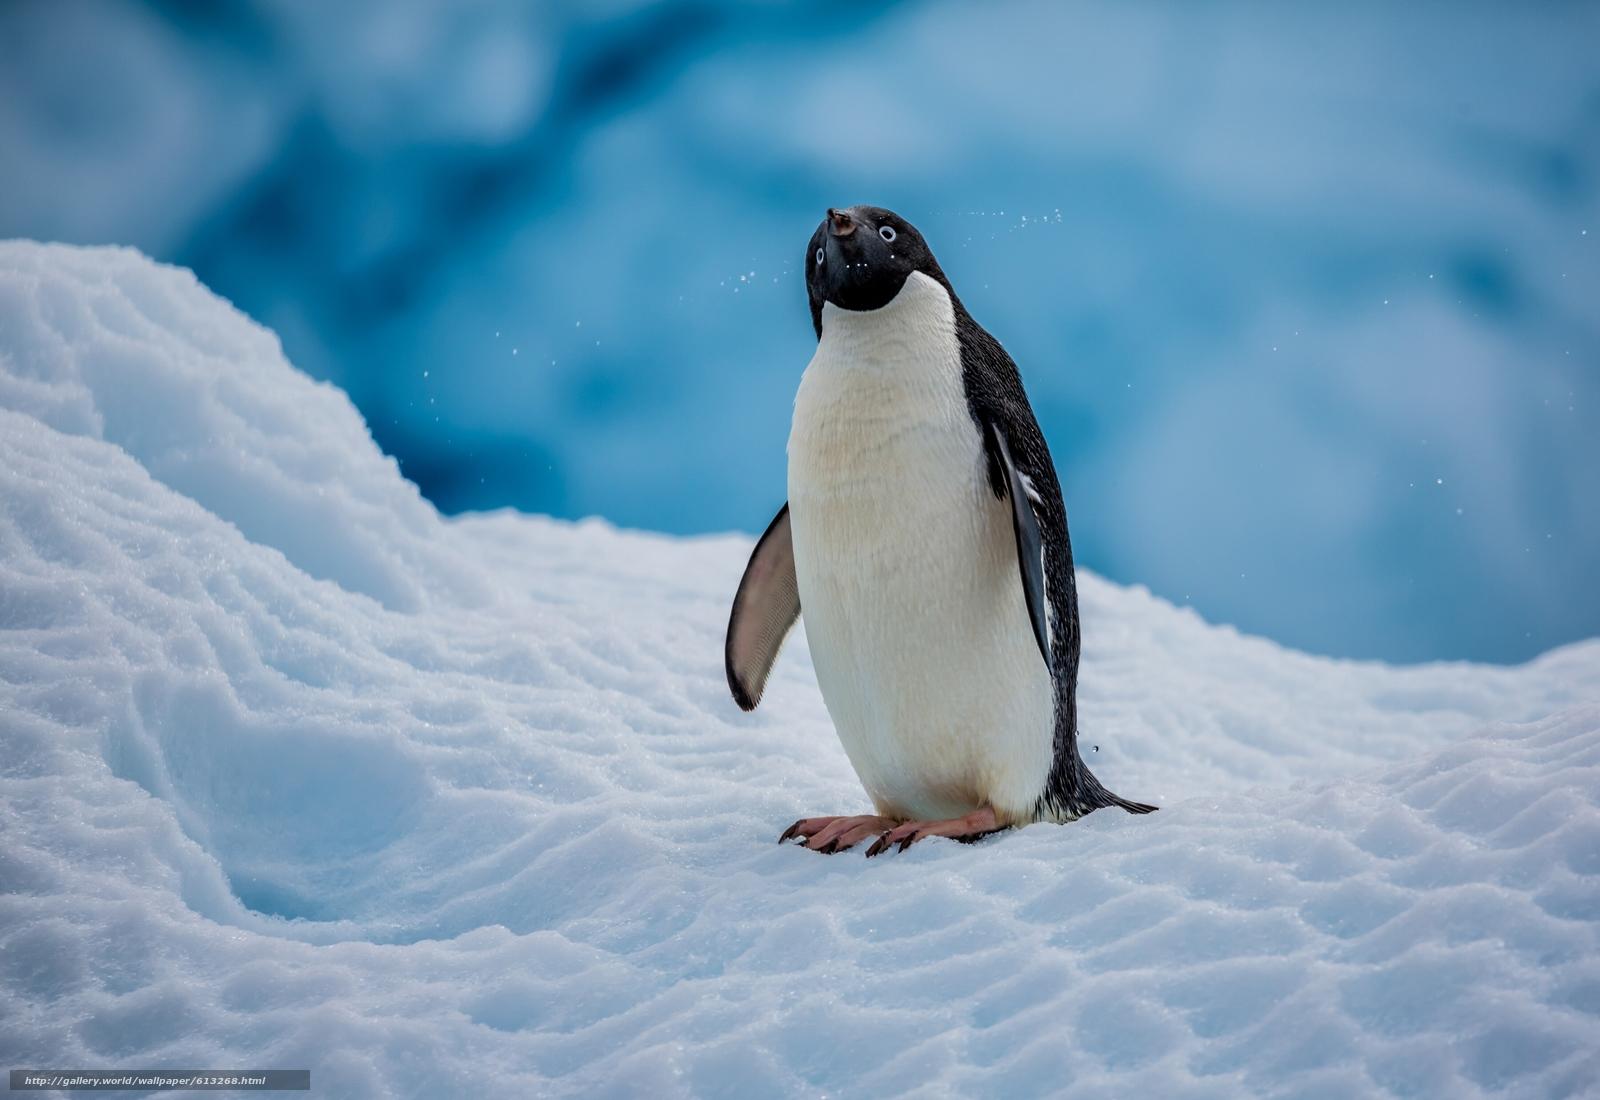 壁纸 动物 企鹅 1600_1100